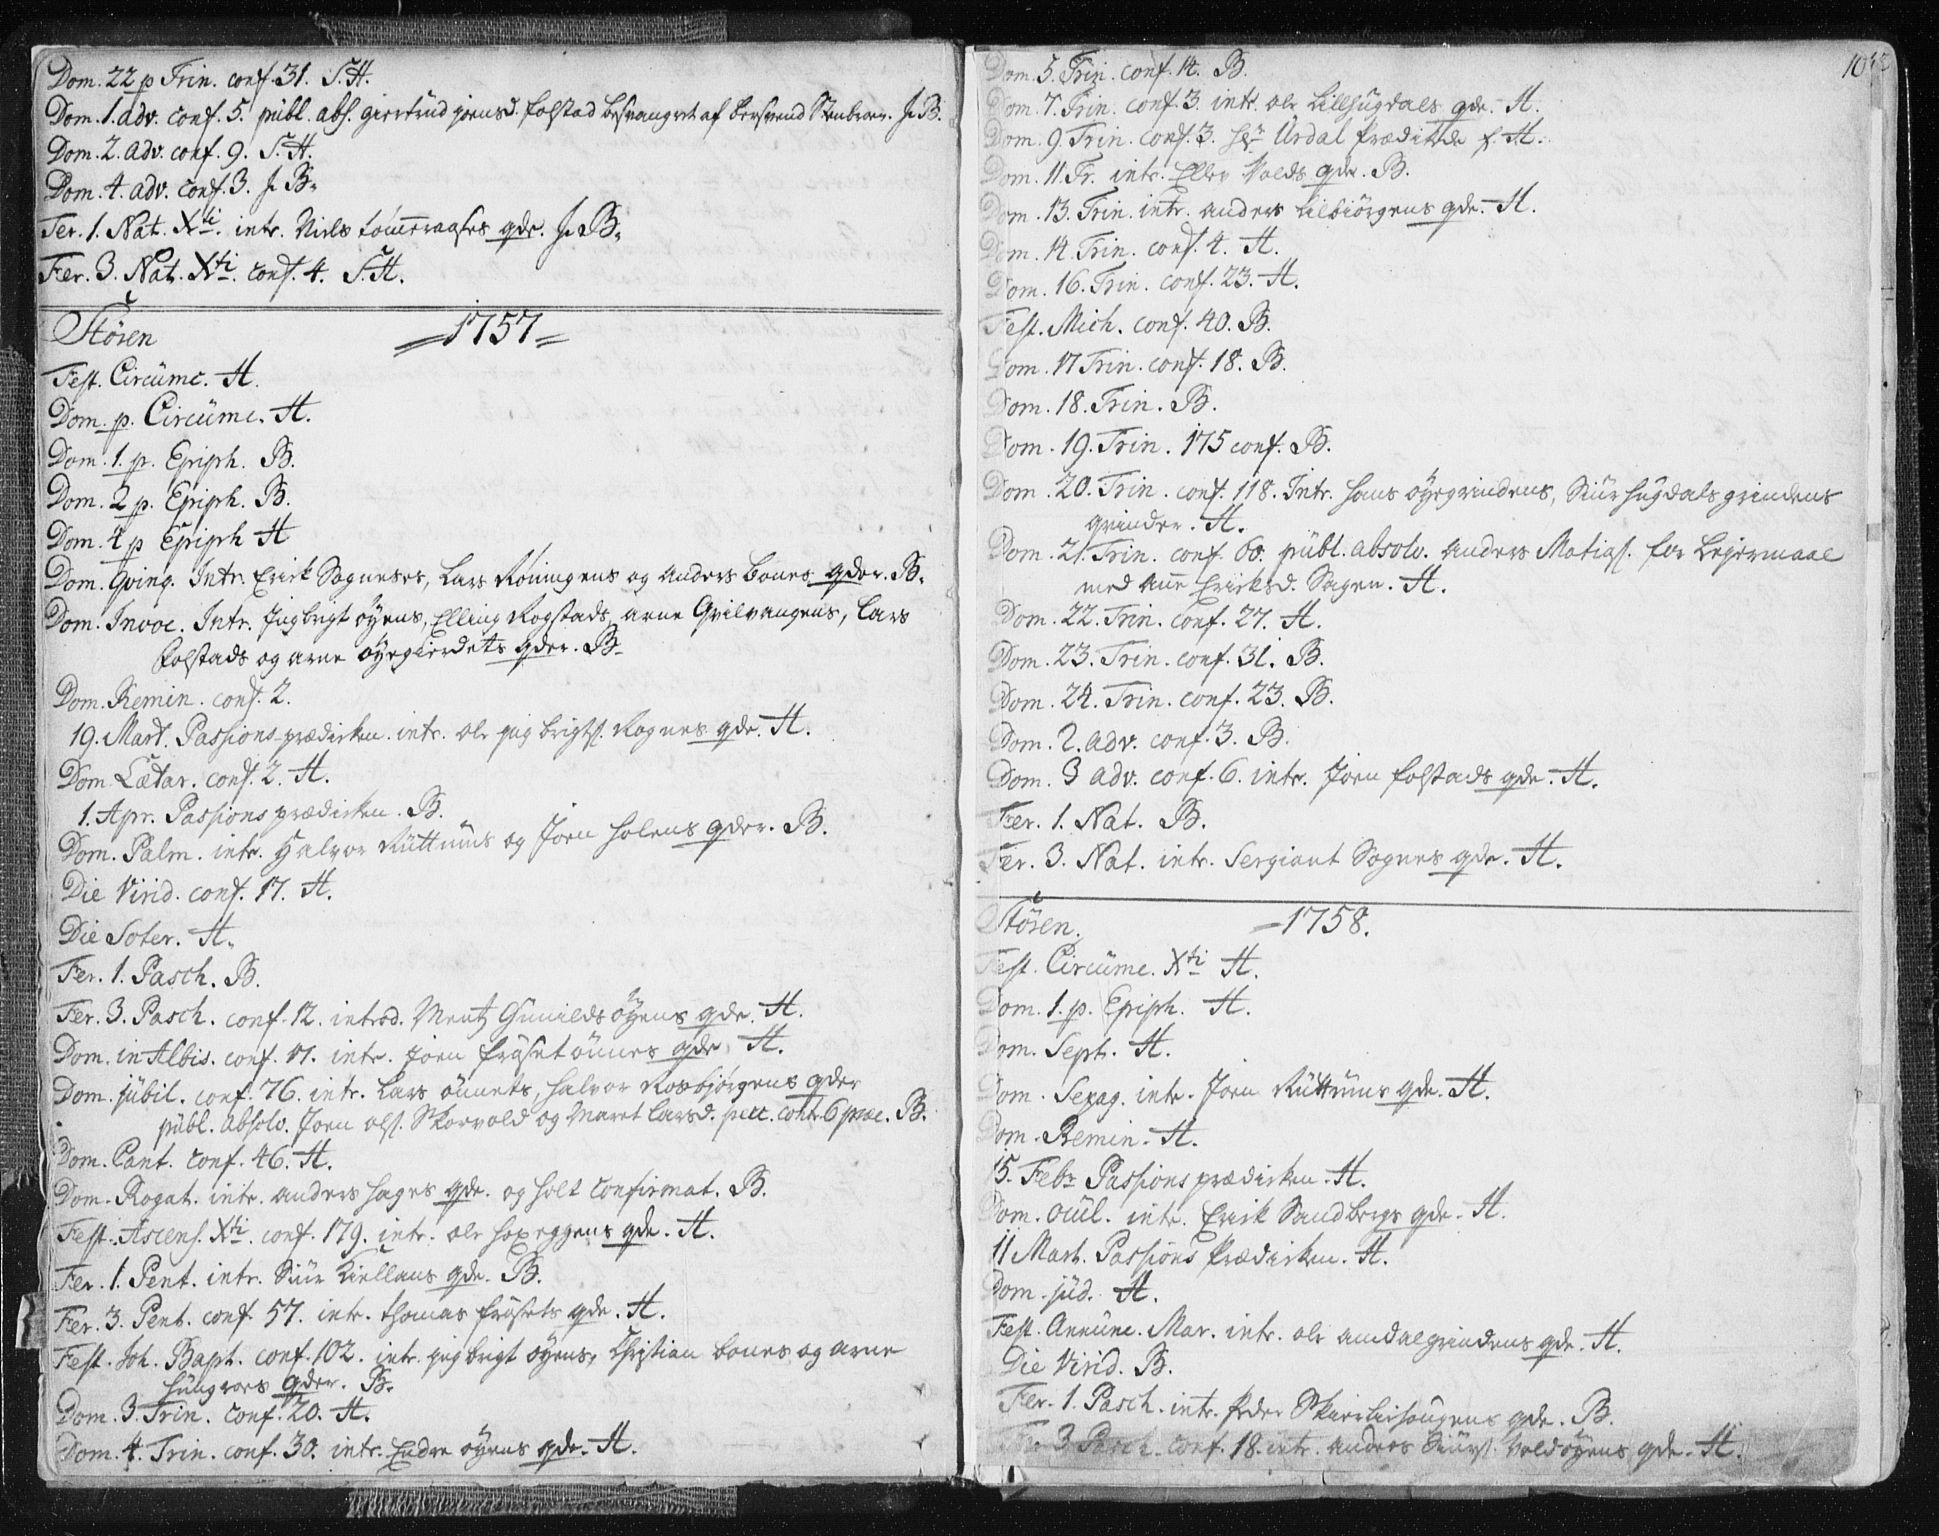 SAT, Ministerialprotokoller, klokkerbøker og fødselsregistre - Sør-Trøndelag, 687/L0991: Ministerialbok nr. 687A02, 1747-1790, s. 10